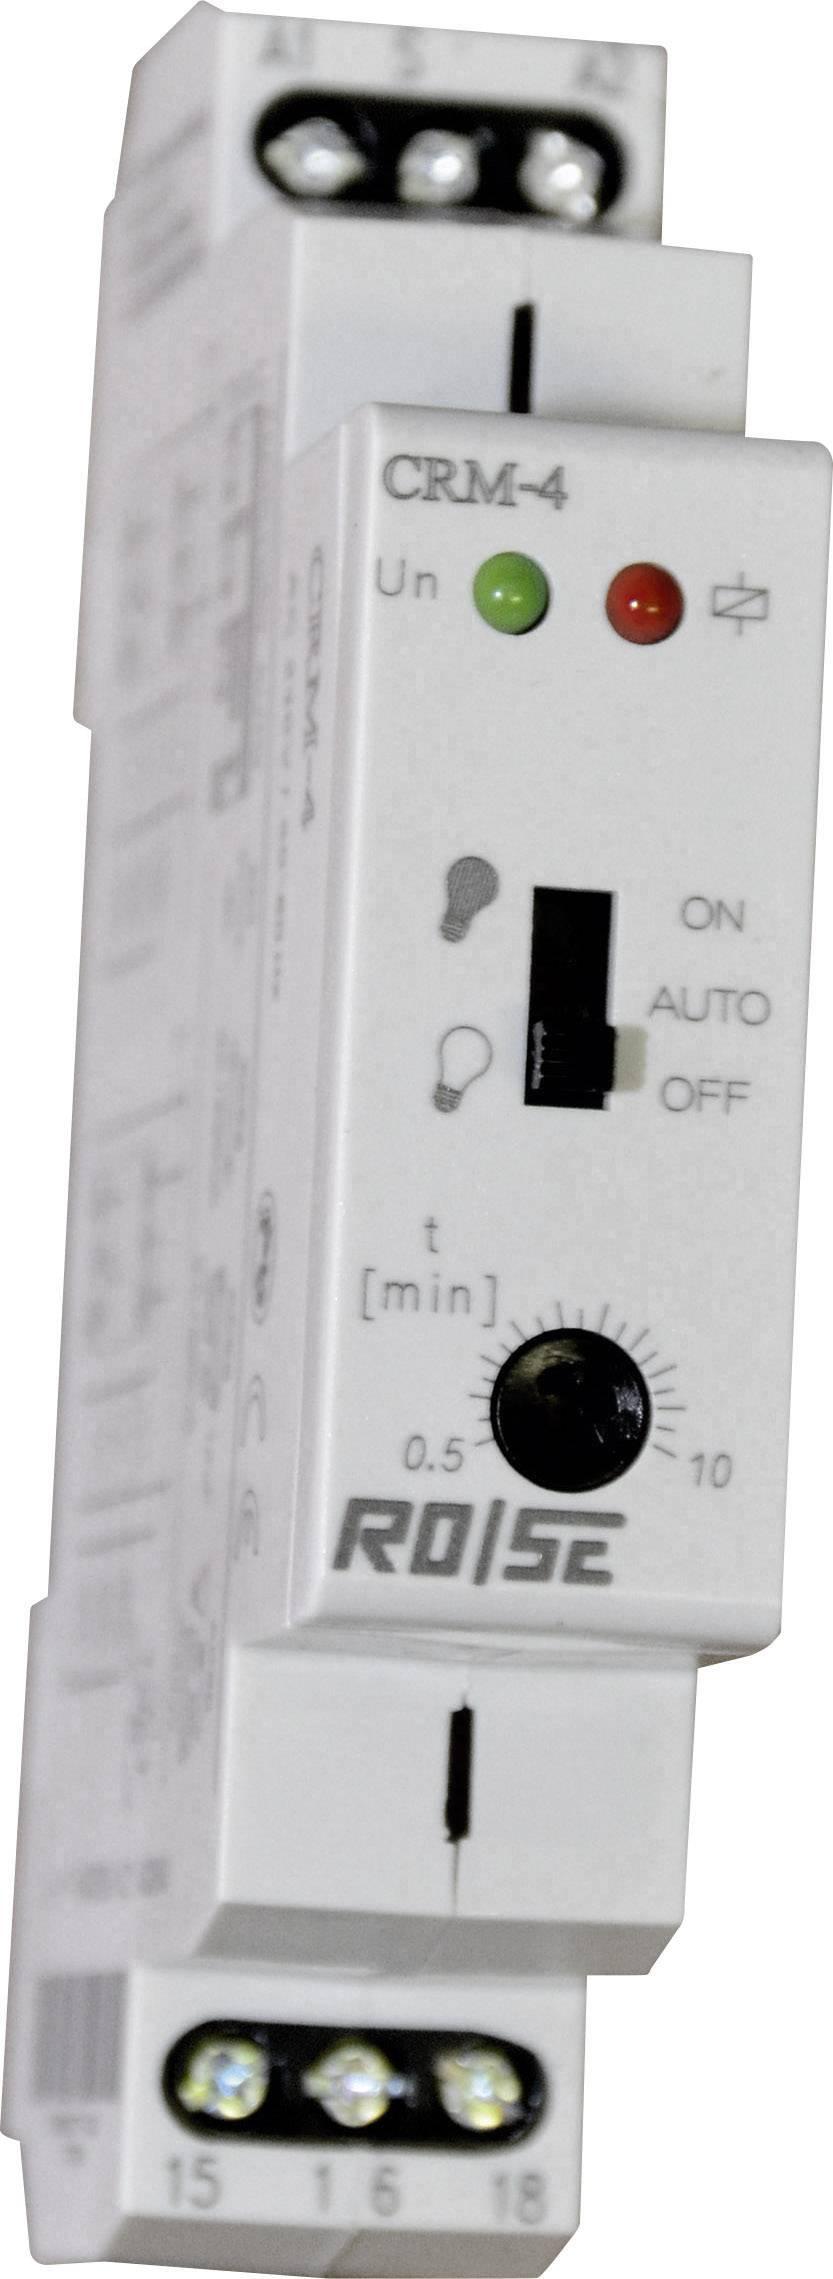 ROSE LM Relais temporis/é CRM-91H//230 CRM-91H//230 Multifonction 230 V//AC Plage temporelle 10 j 1 inverseur RT 0.1 s